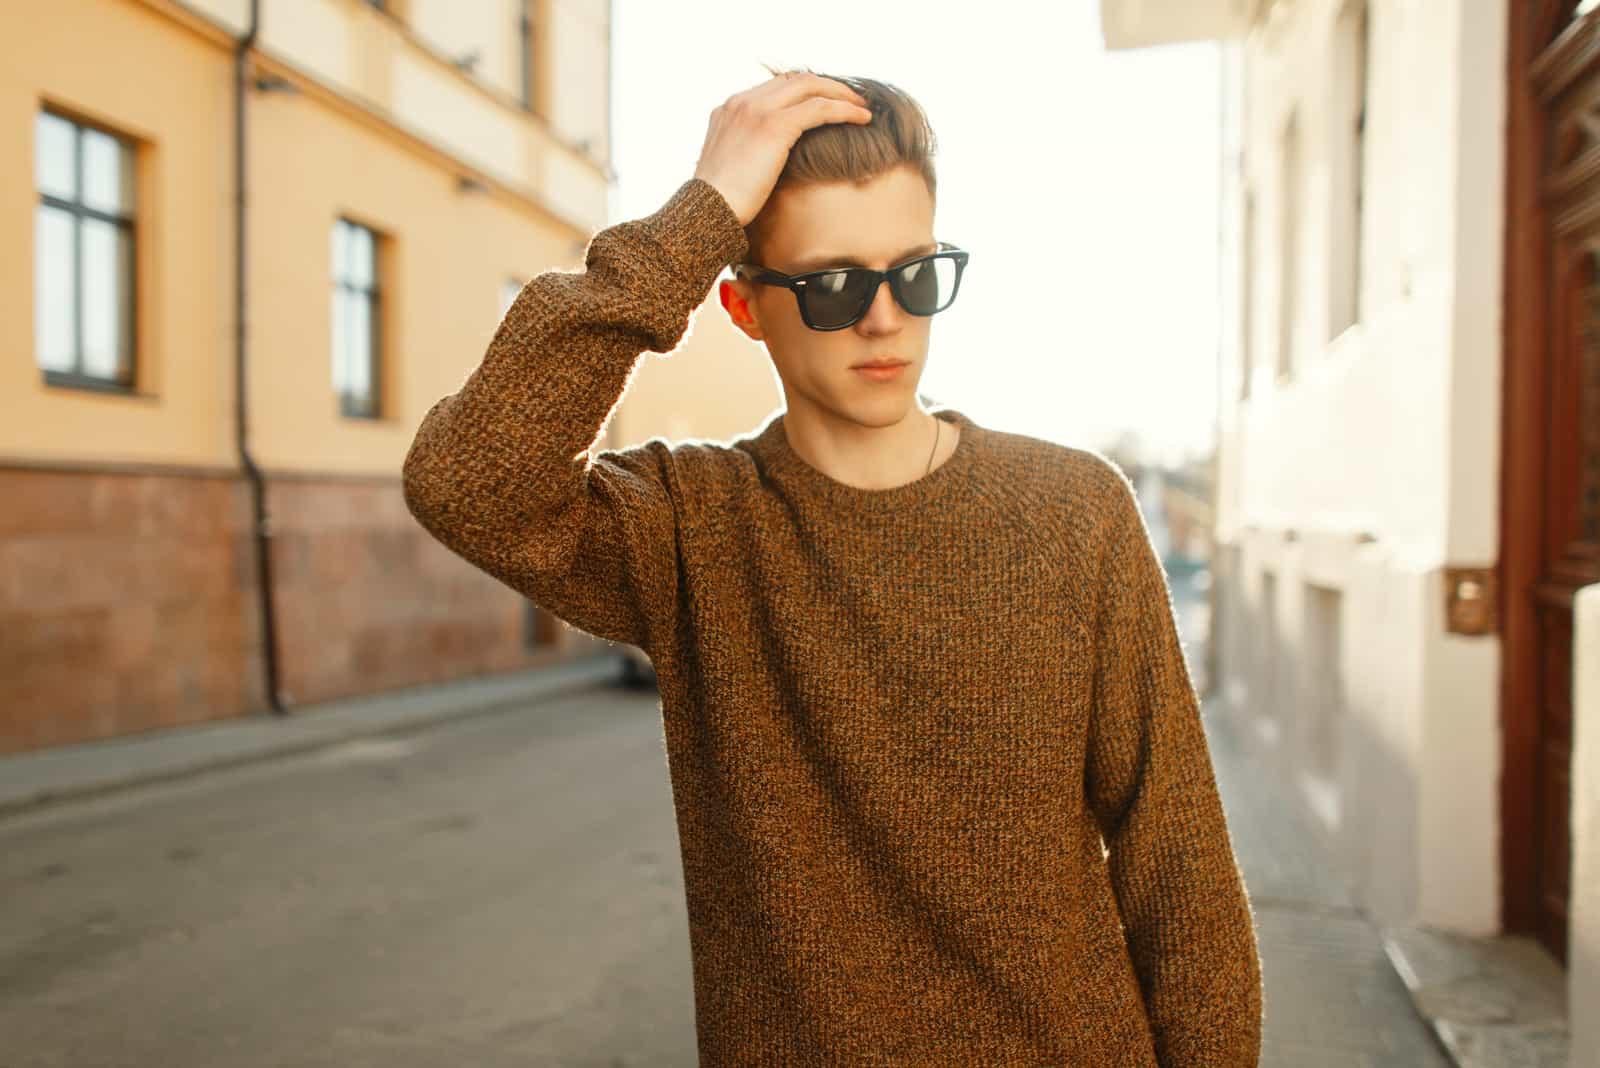 Mannmodell in der stilvollen Sonnenbrille in einem Modepullover, der in der Stadt bei Sonnenuntergang geht